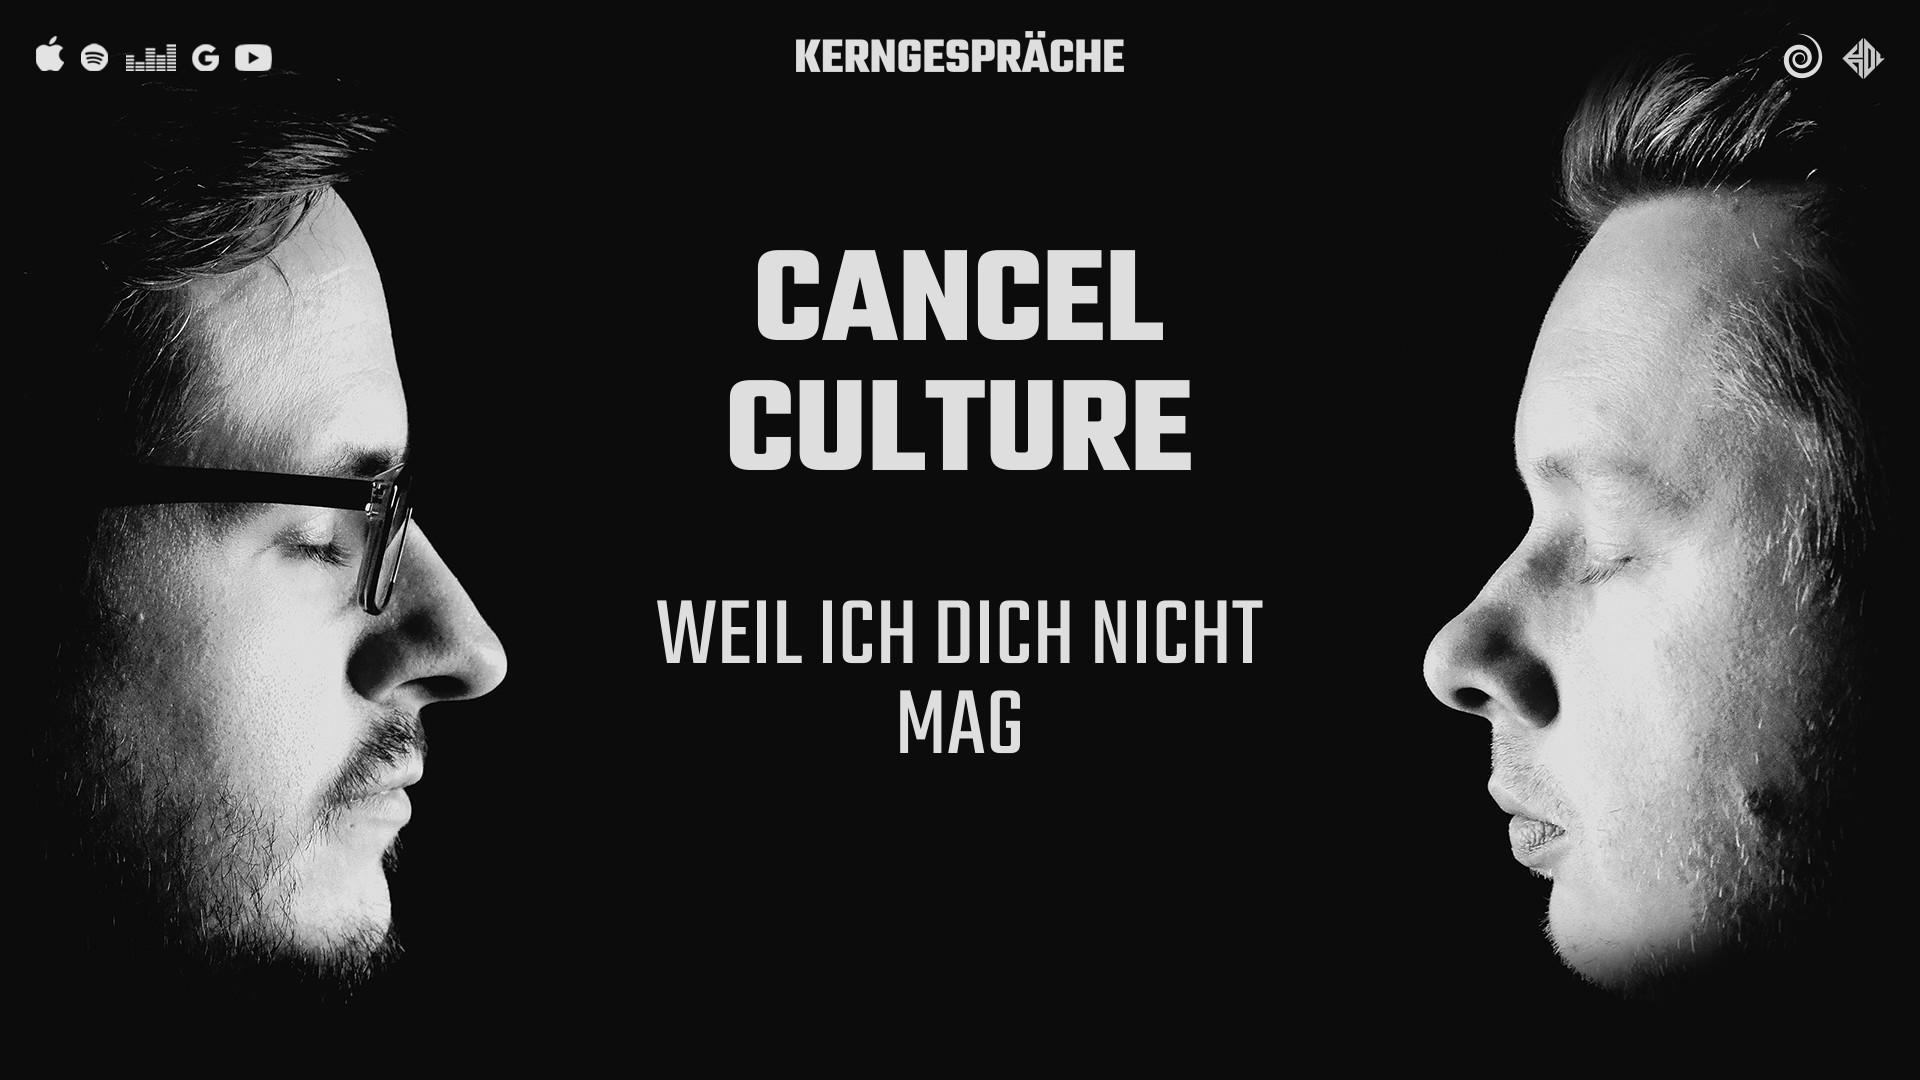 Cancel Culture: Weil ich dich nicht mag